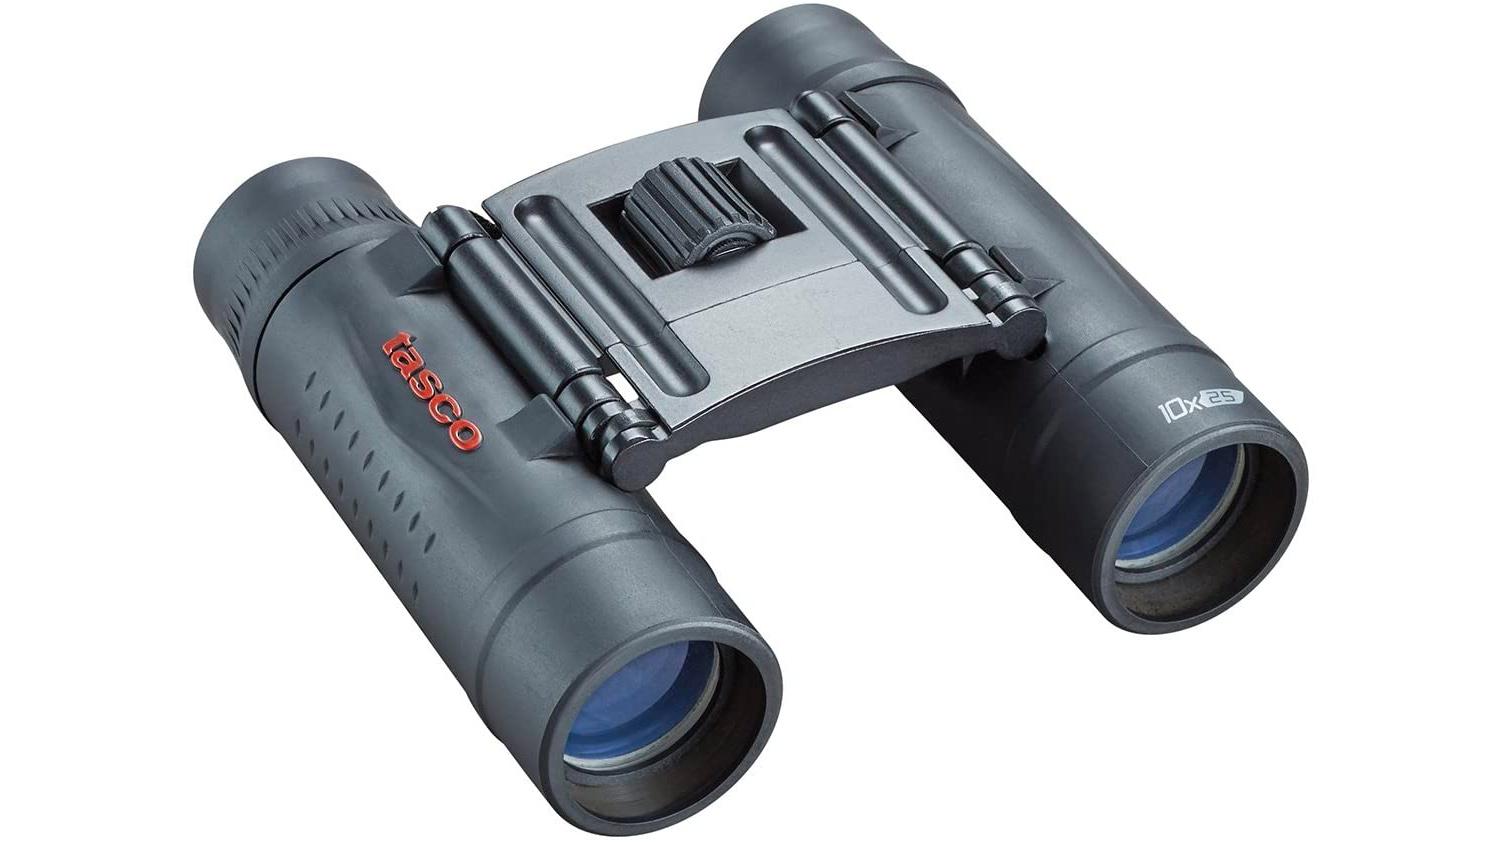 Tasco binoculars for kids.